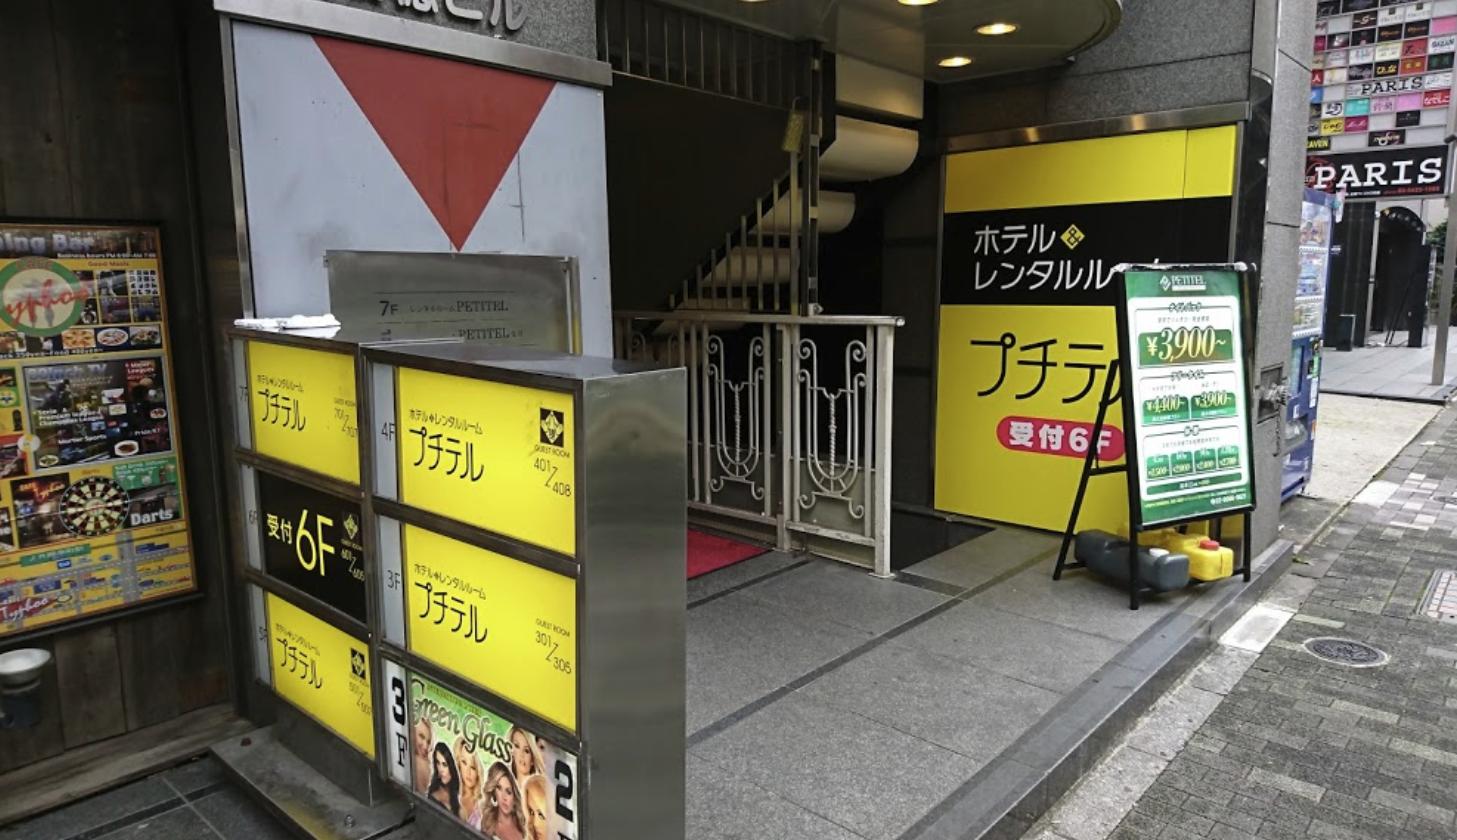 「錦糸町駅錦糸町プチテル」の画像検索結果